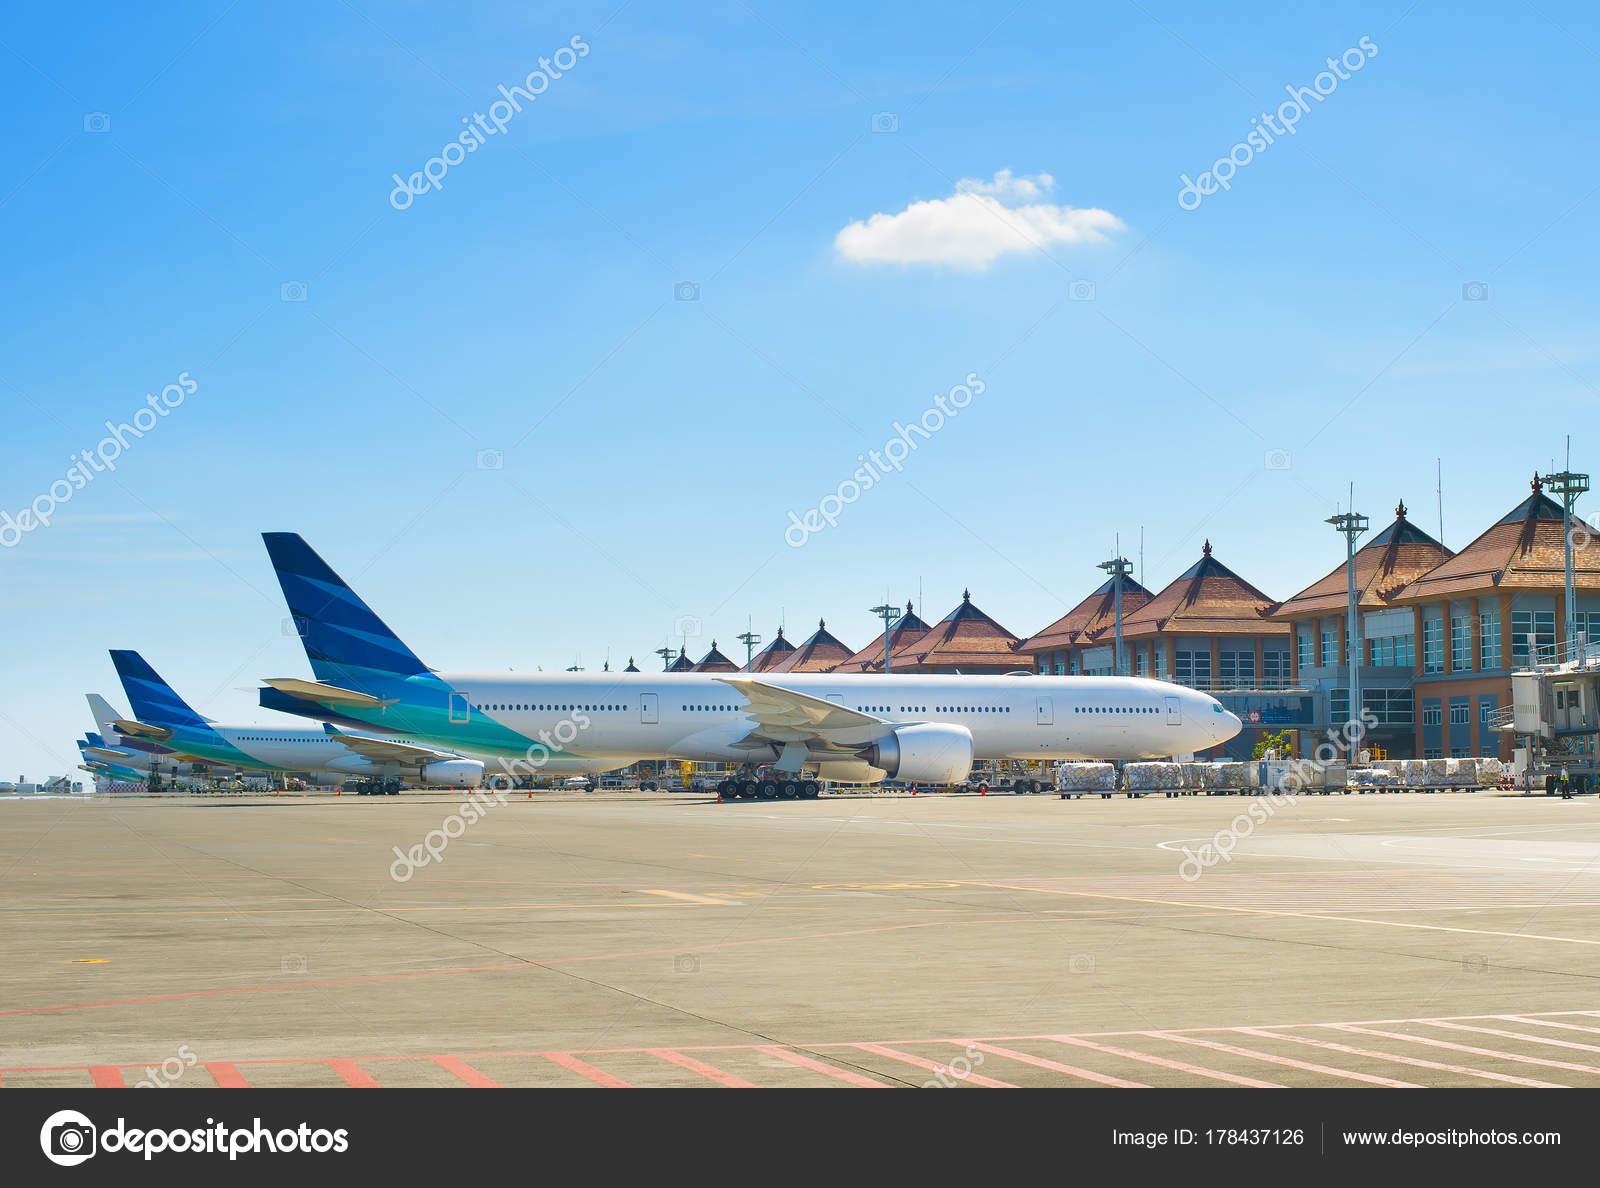 Aeroporto Bali : Aviões aeroporto bali ilha bali indonésia u fotografia de stock